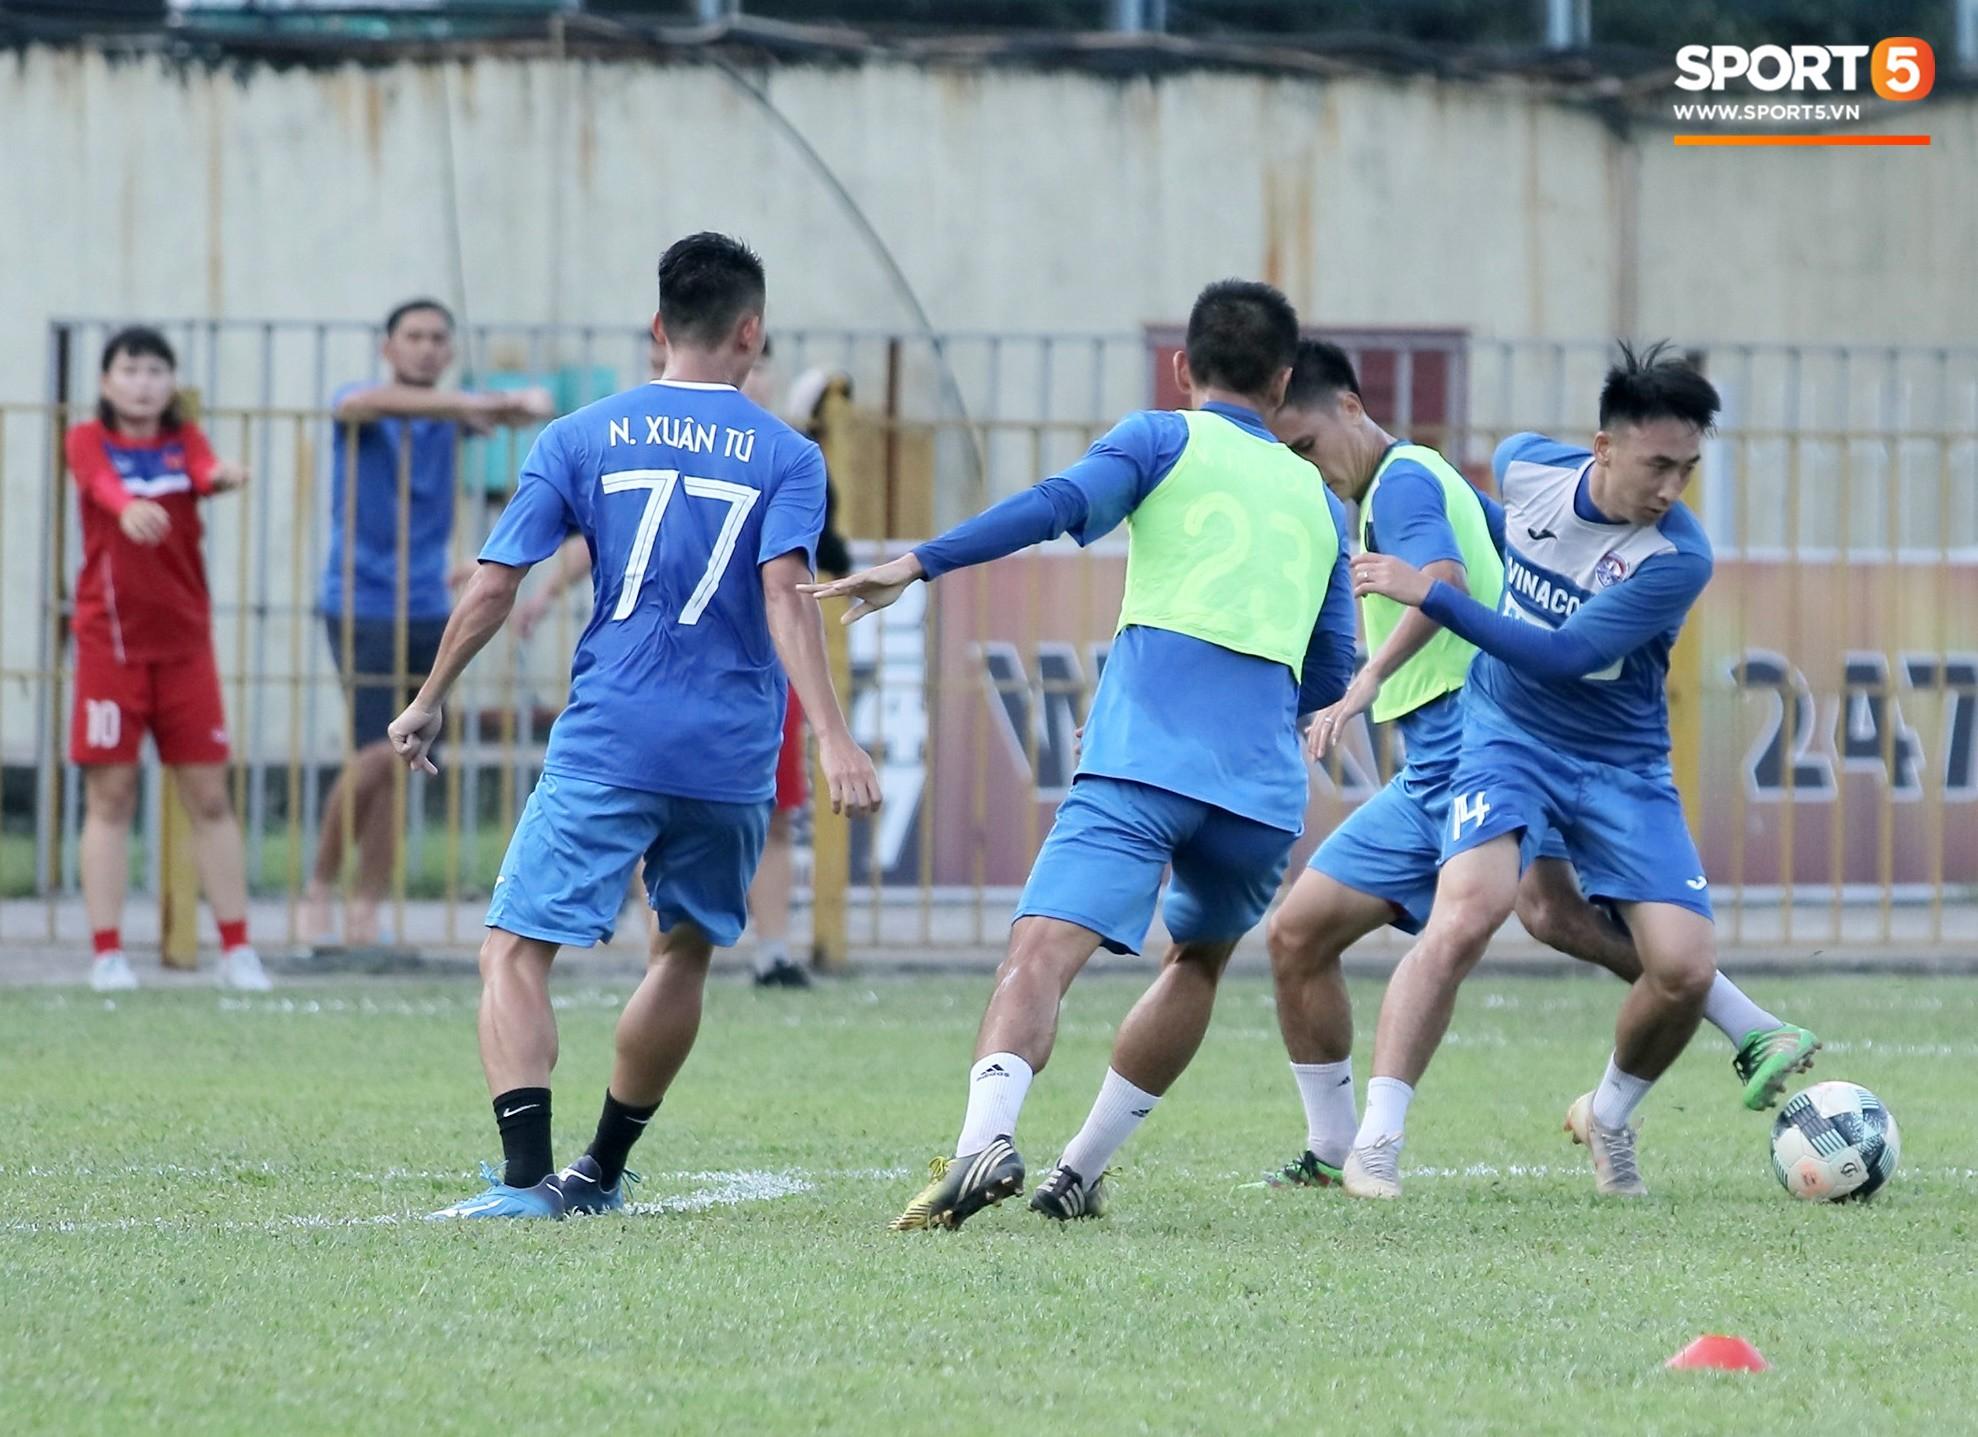 Tiền vệ Nguyễn Hải Huy: Khát vọng thi đấu cho ĐTQG và thú vui với game PUBG những lúc rảnh rỗi - Ảnh 4.